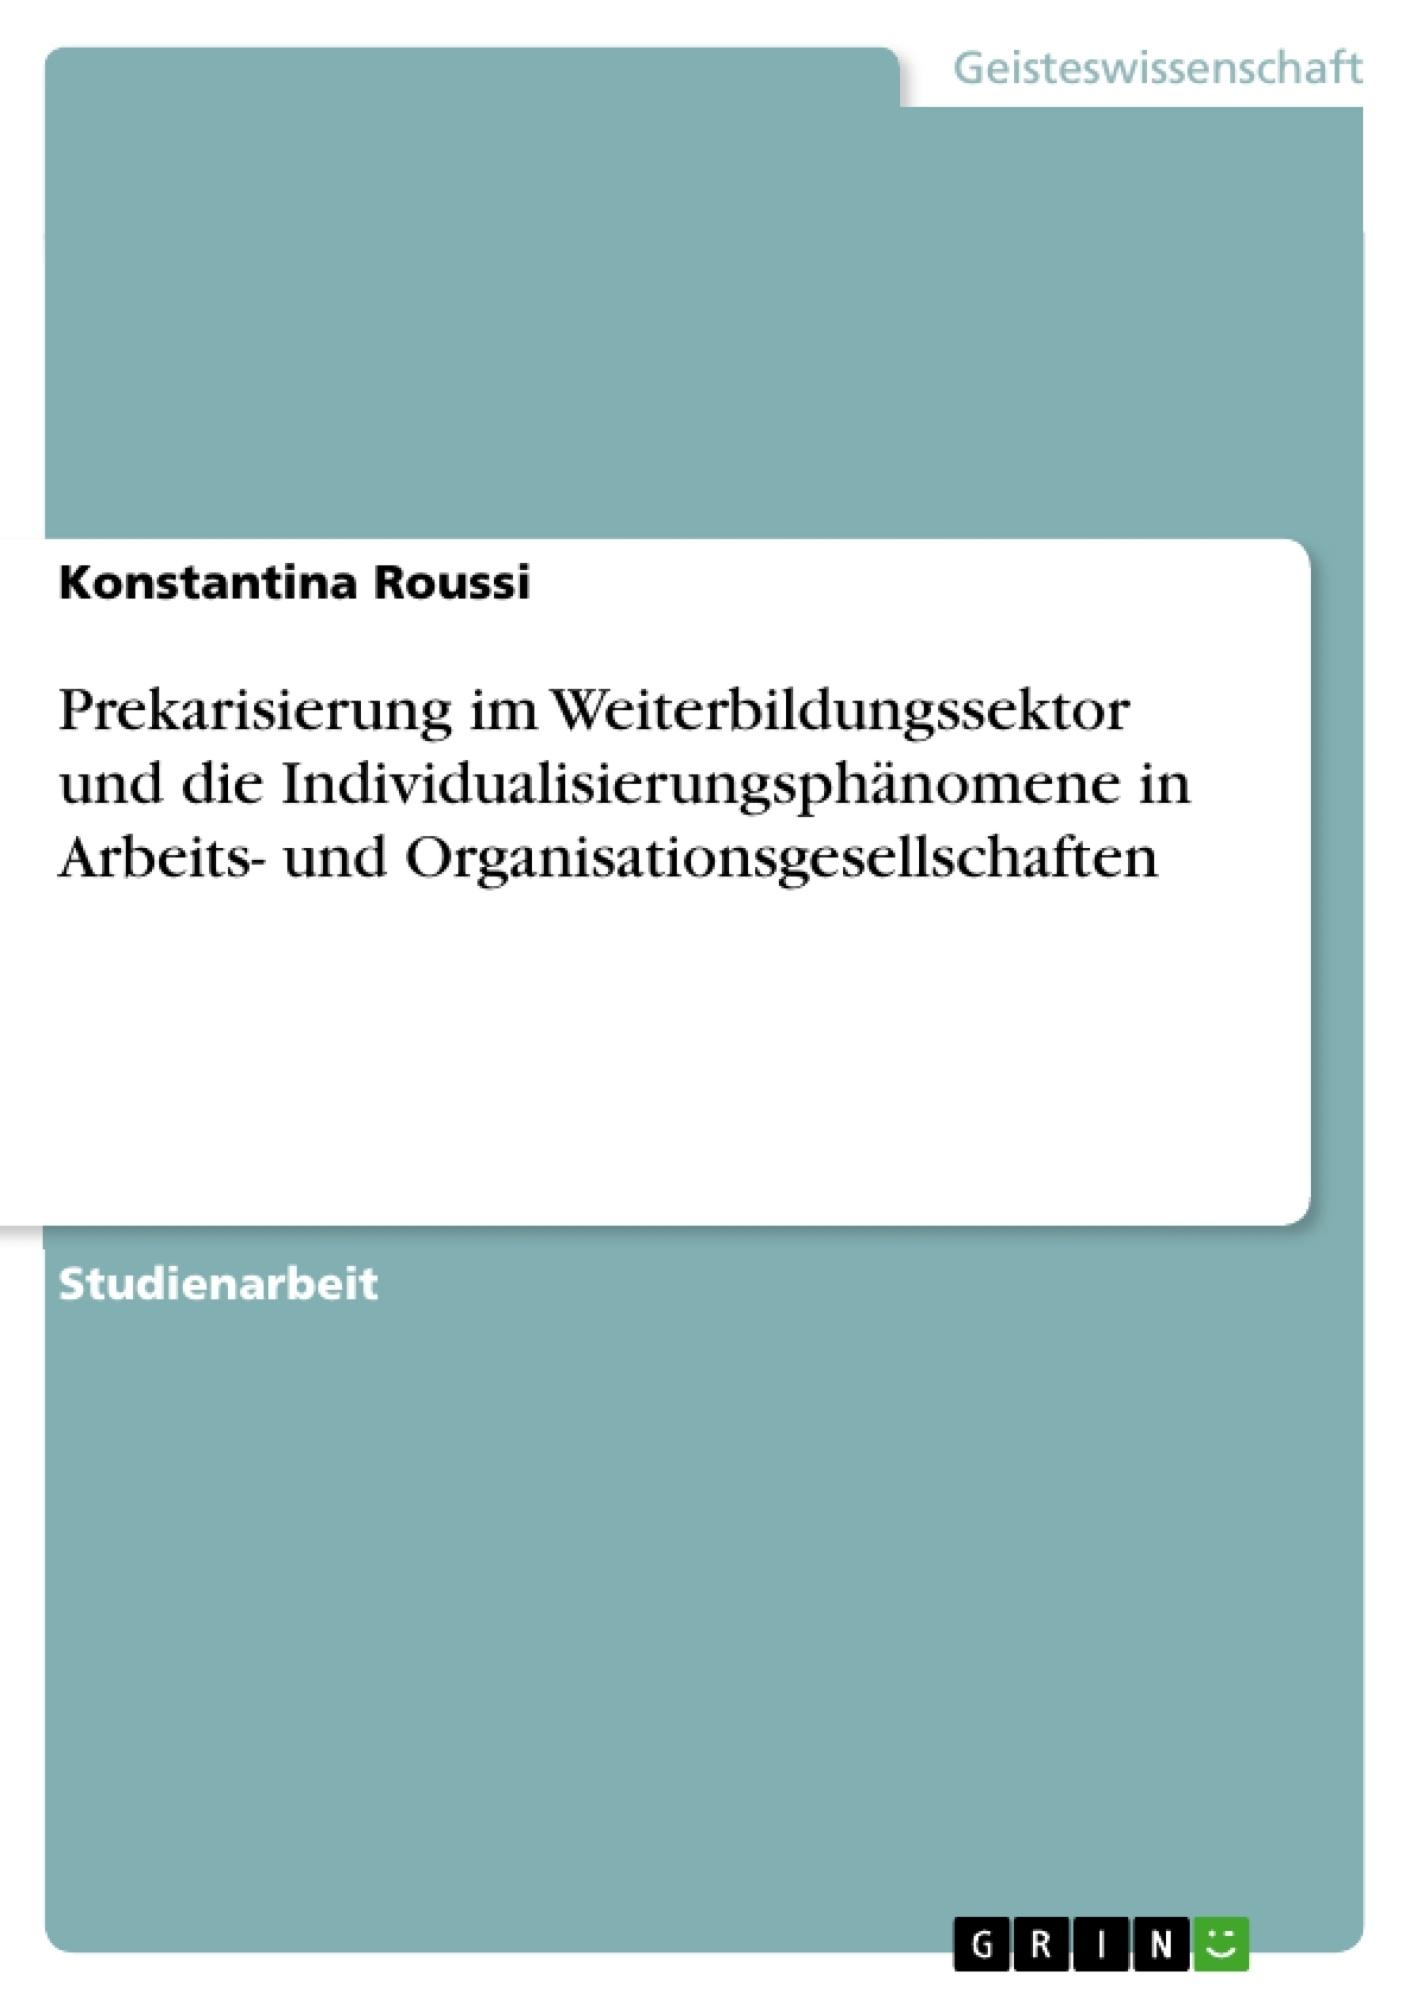 Titel: Prekarisierung im Weiterbildungssektor und die Individualisierungsphänomene in Arbeits- und Organisationsgesellschaften